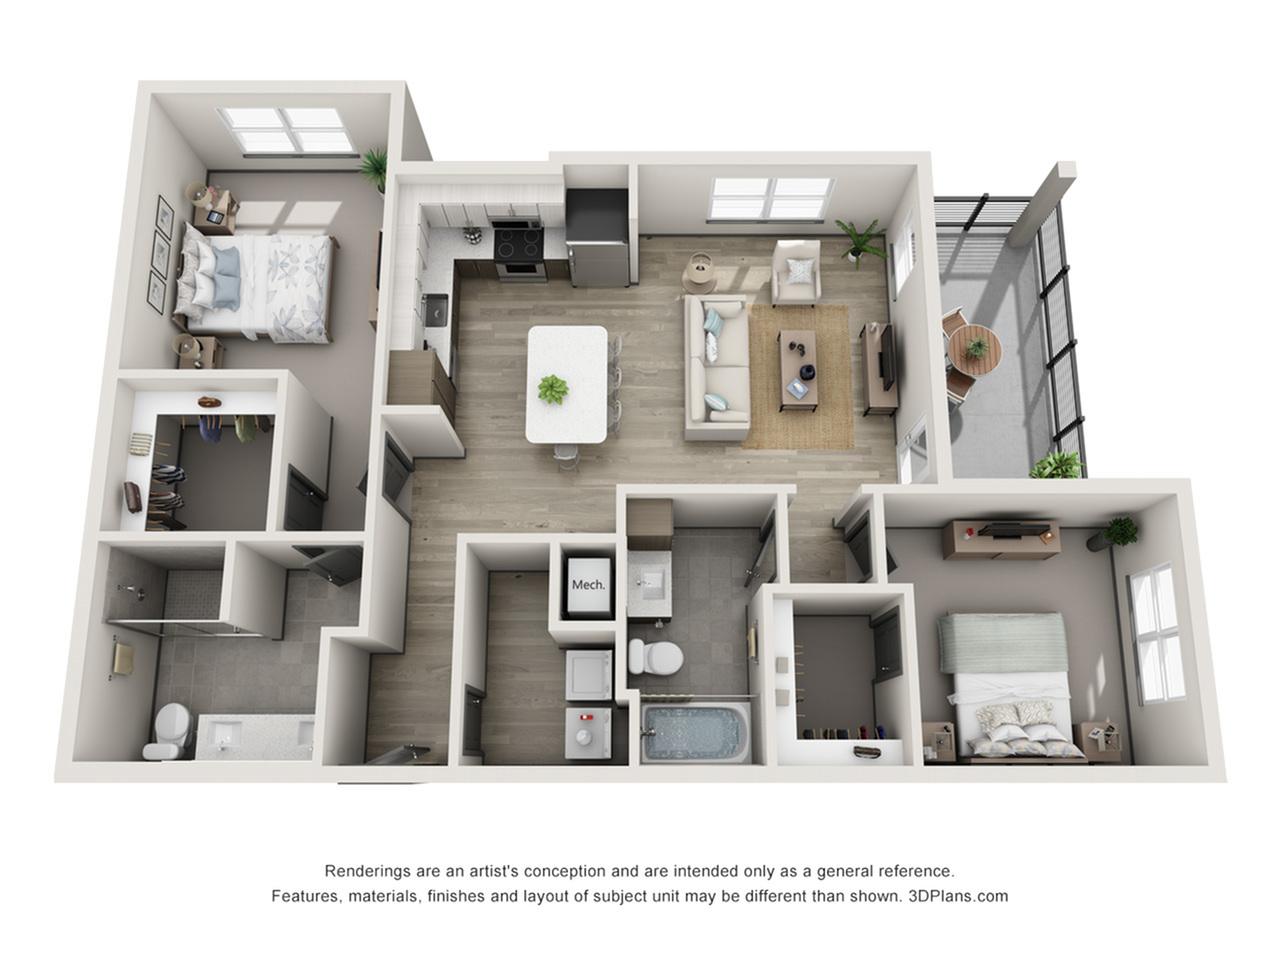 St. Pete B4 Two Bedroom Floor Plan